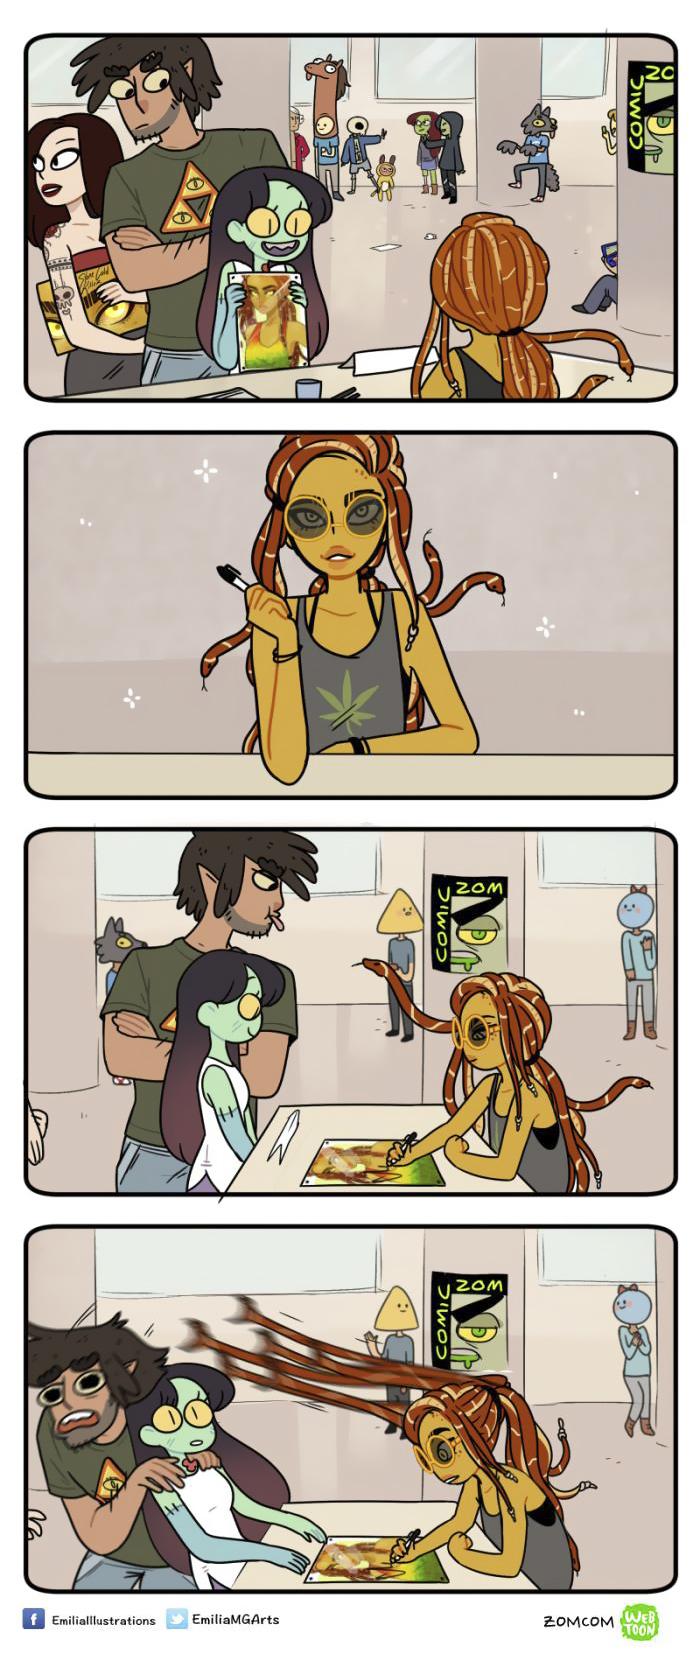 當「周遭人變成奇幻野獸」後的漫畫日記 殭屍女友哭哭:玩遊戲為什麼要打人家的同類!